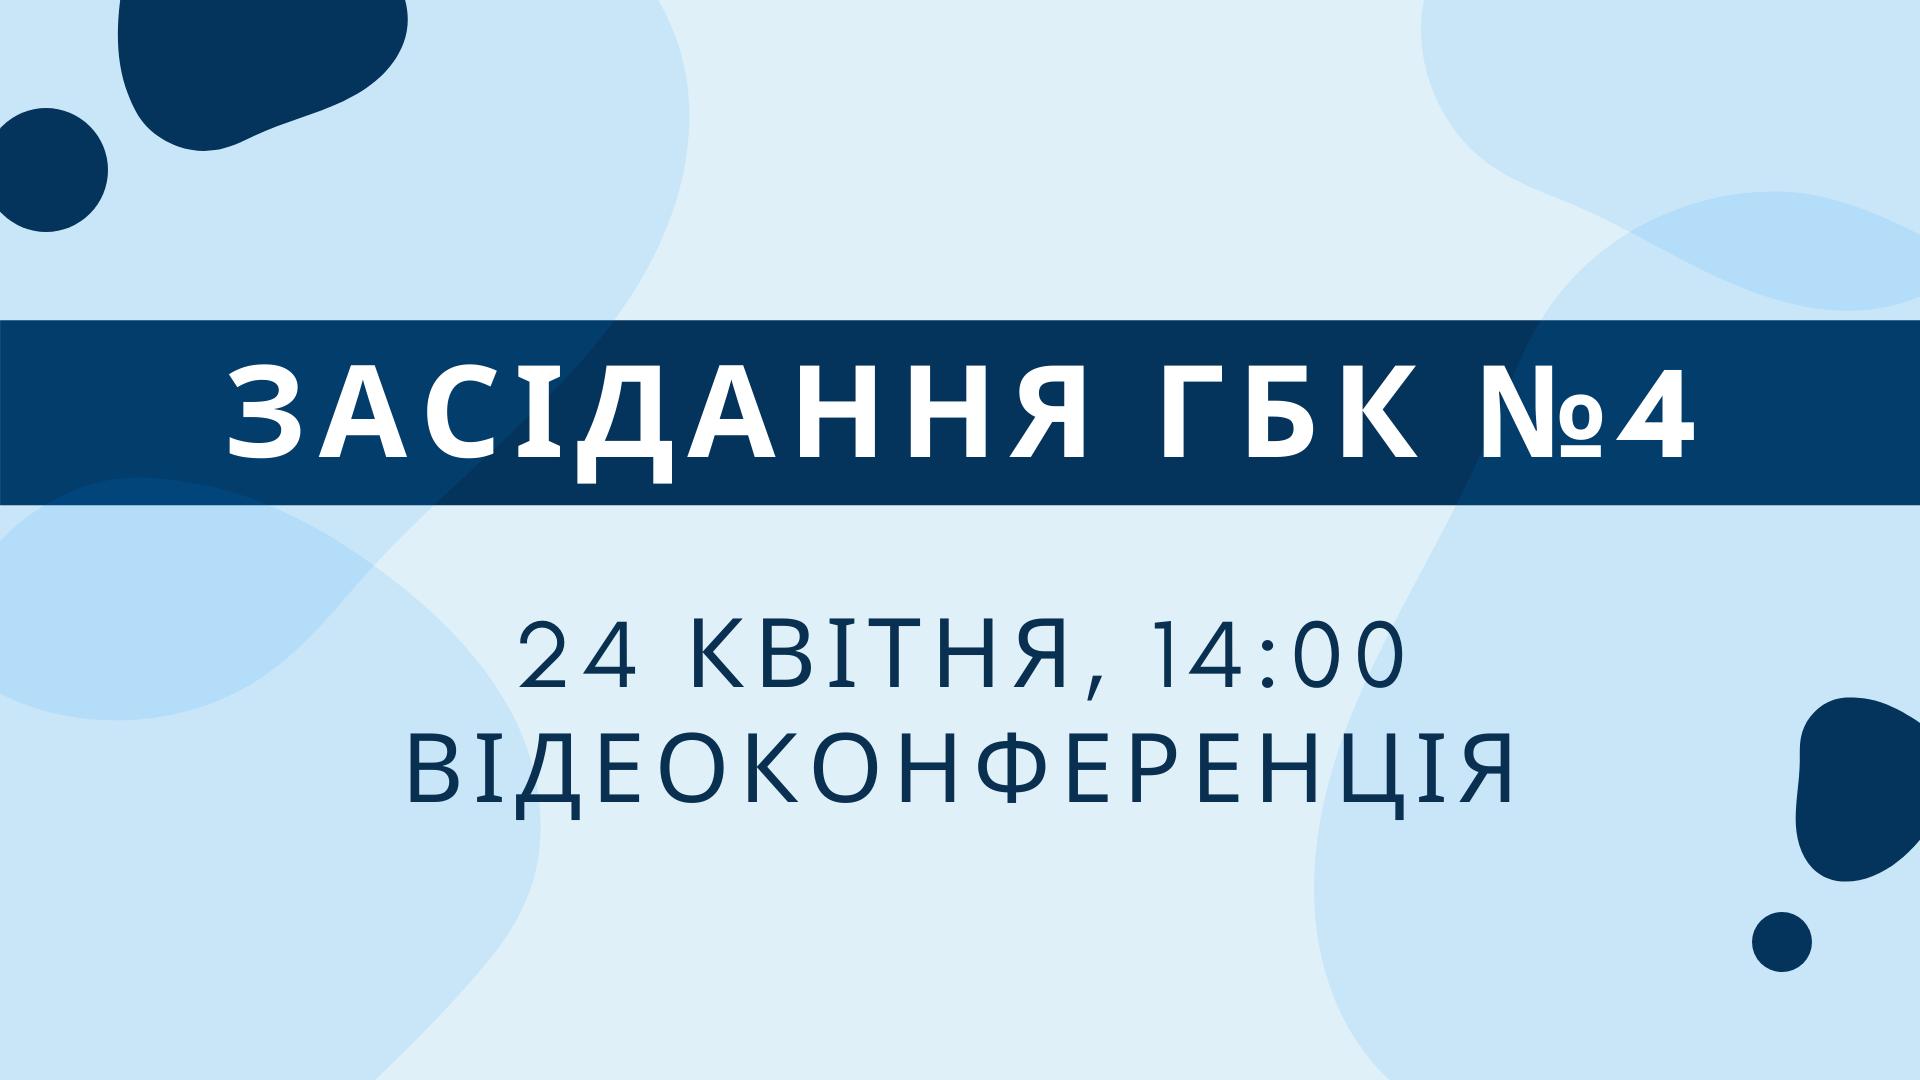 24 квітня відбудеться четверте засідання ГБК-4